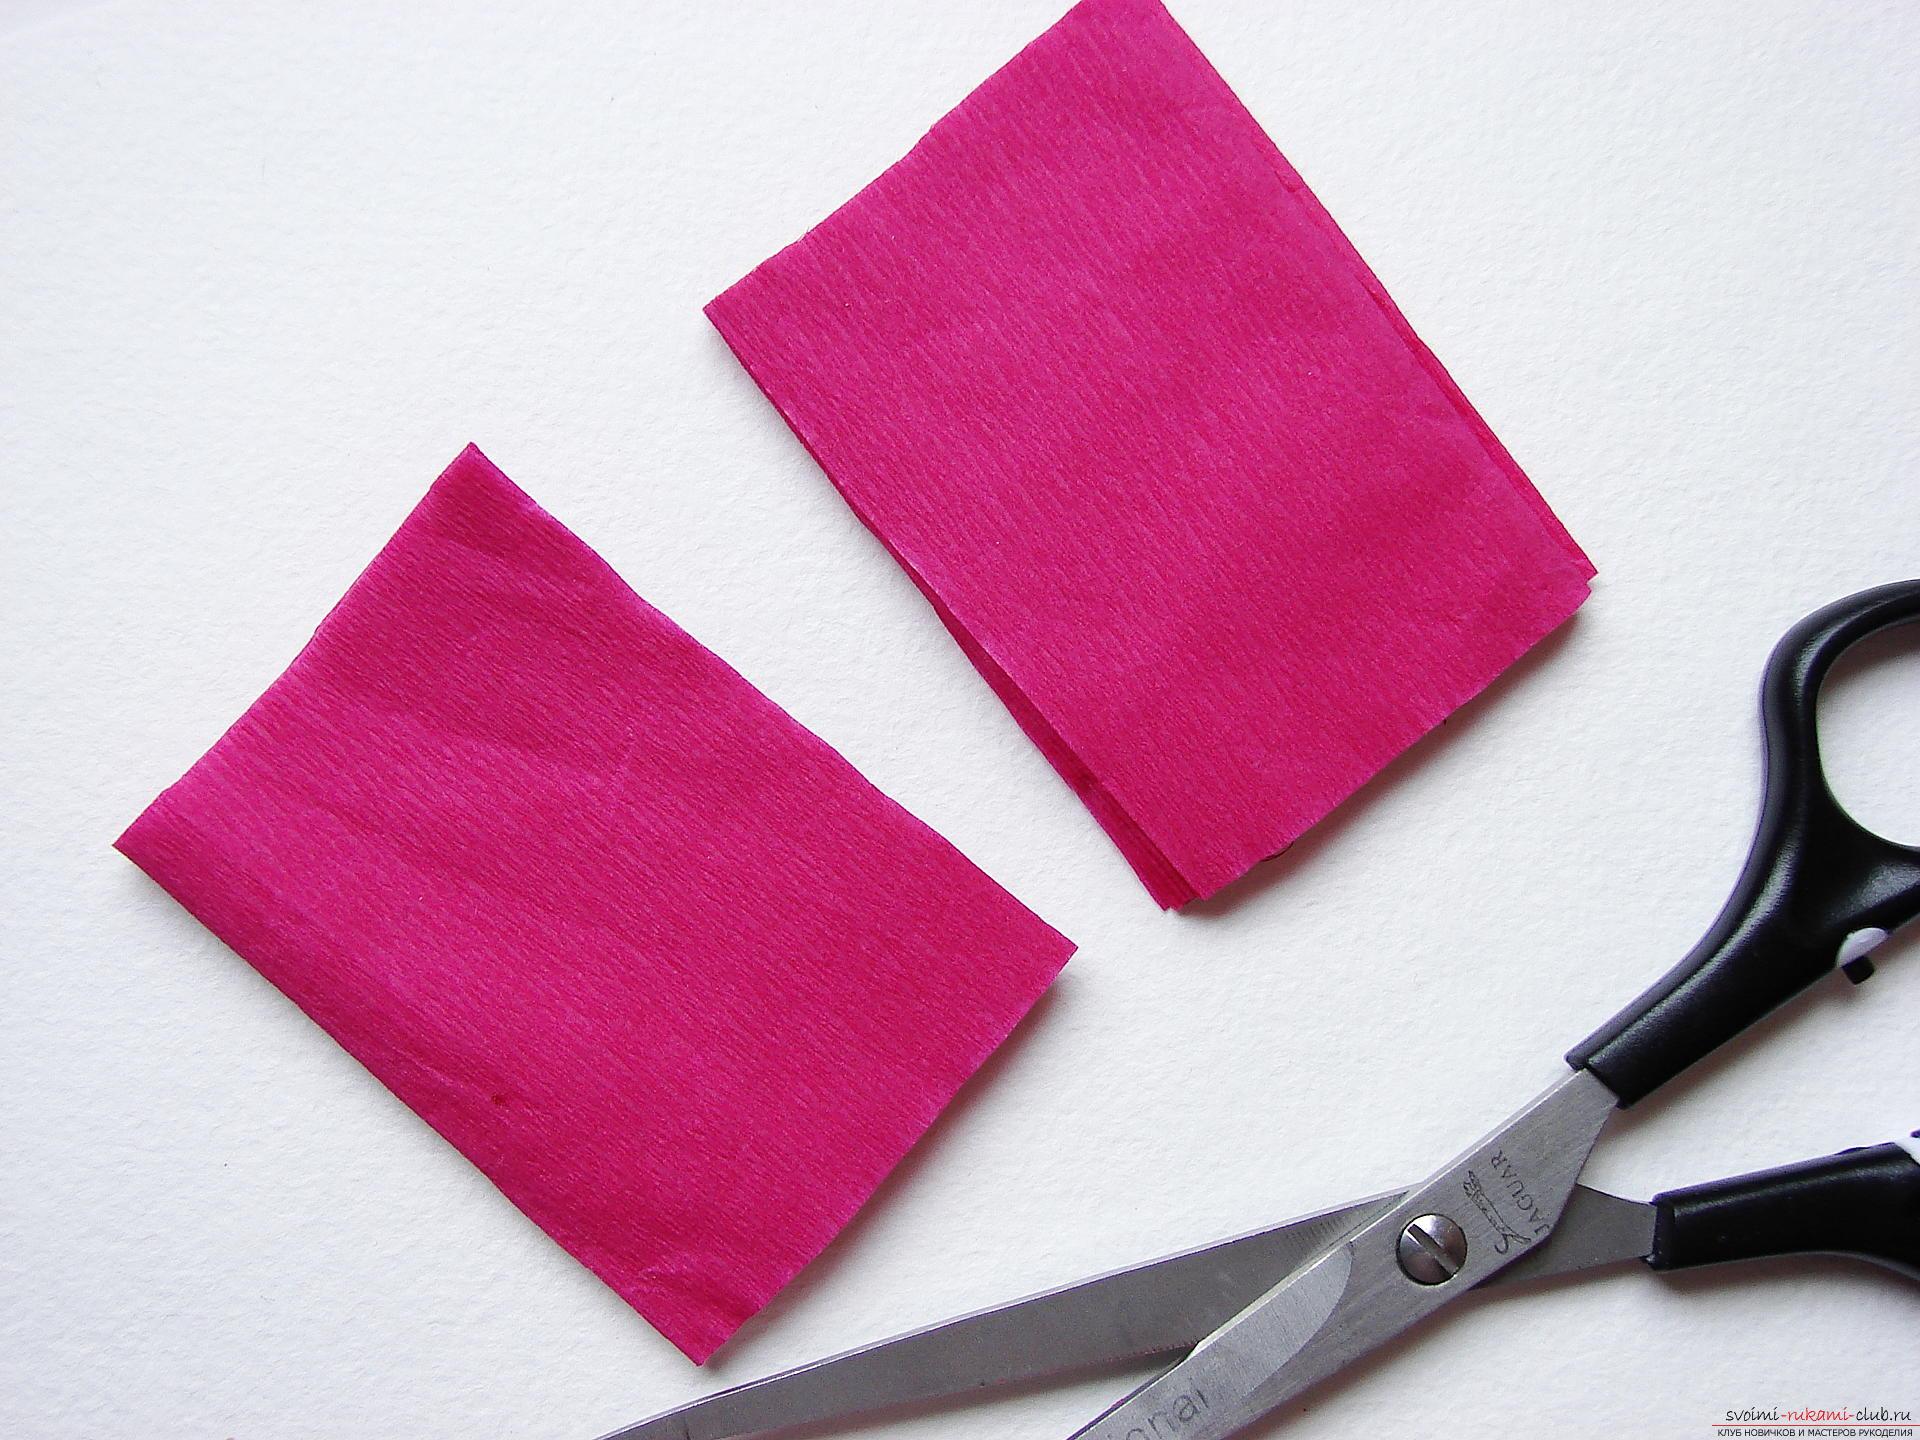 Этот мастер-класс научит как сделать цветы гладиолусы из бумаги своими руками.. Фото №4